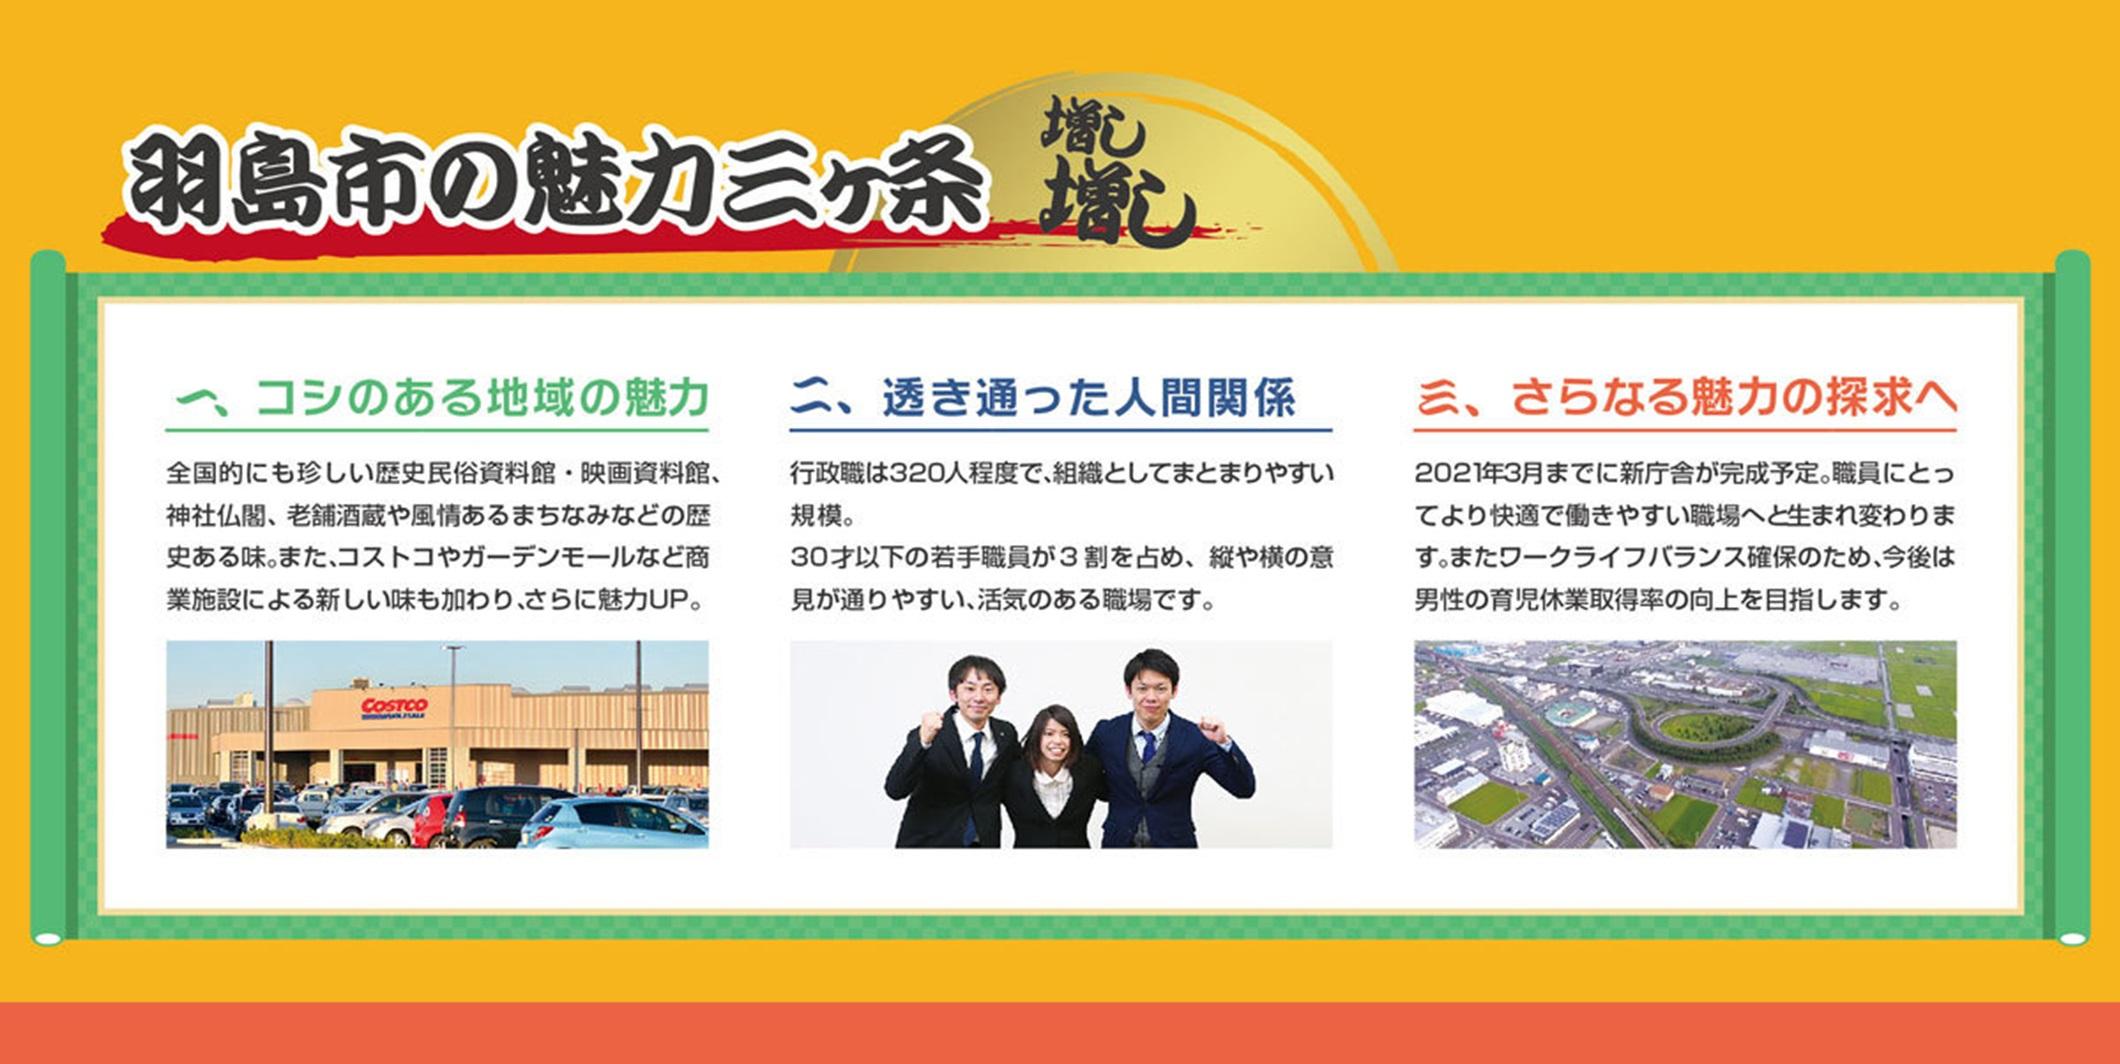 羽島市役所_仕事の魅力